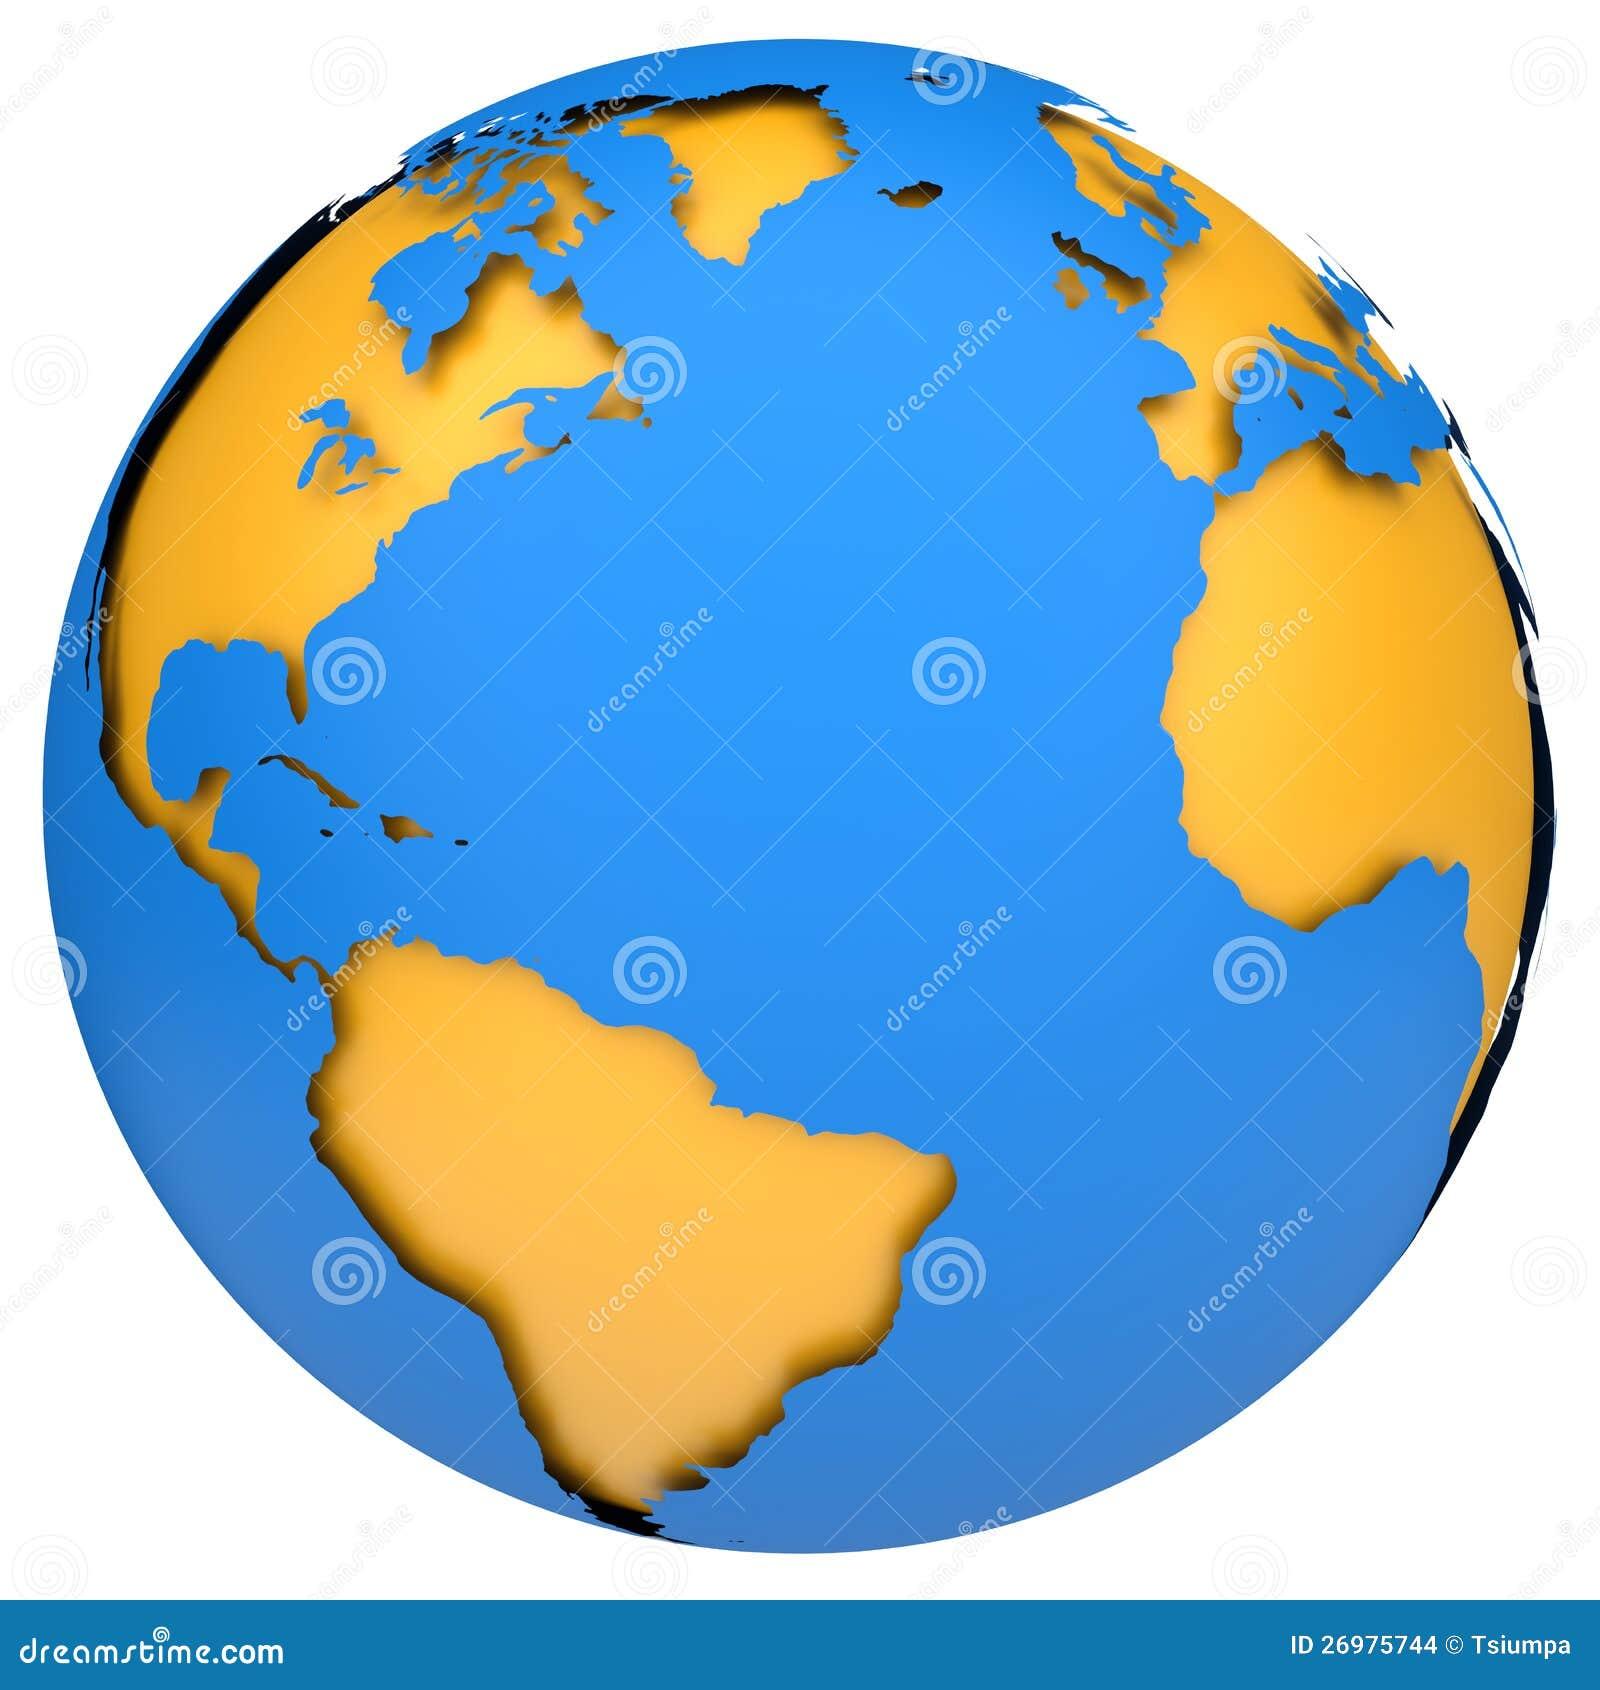 Картинки карта и глобус